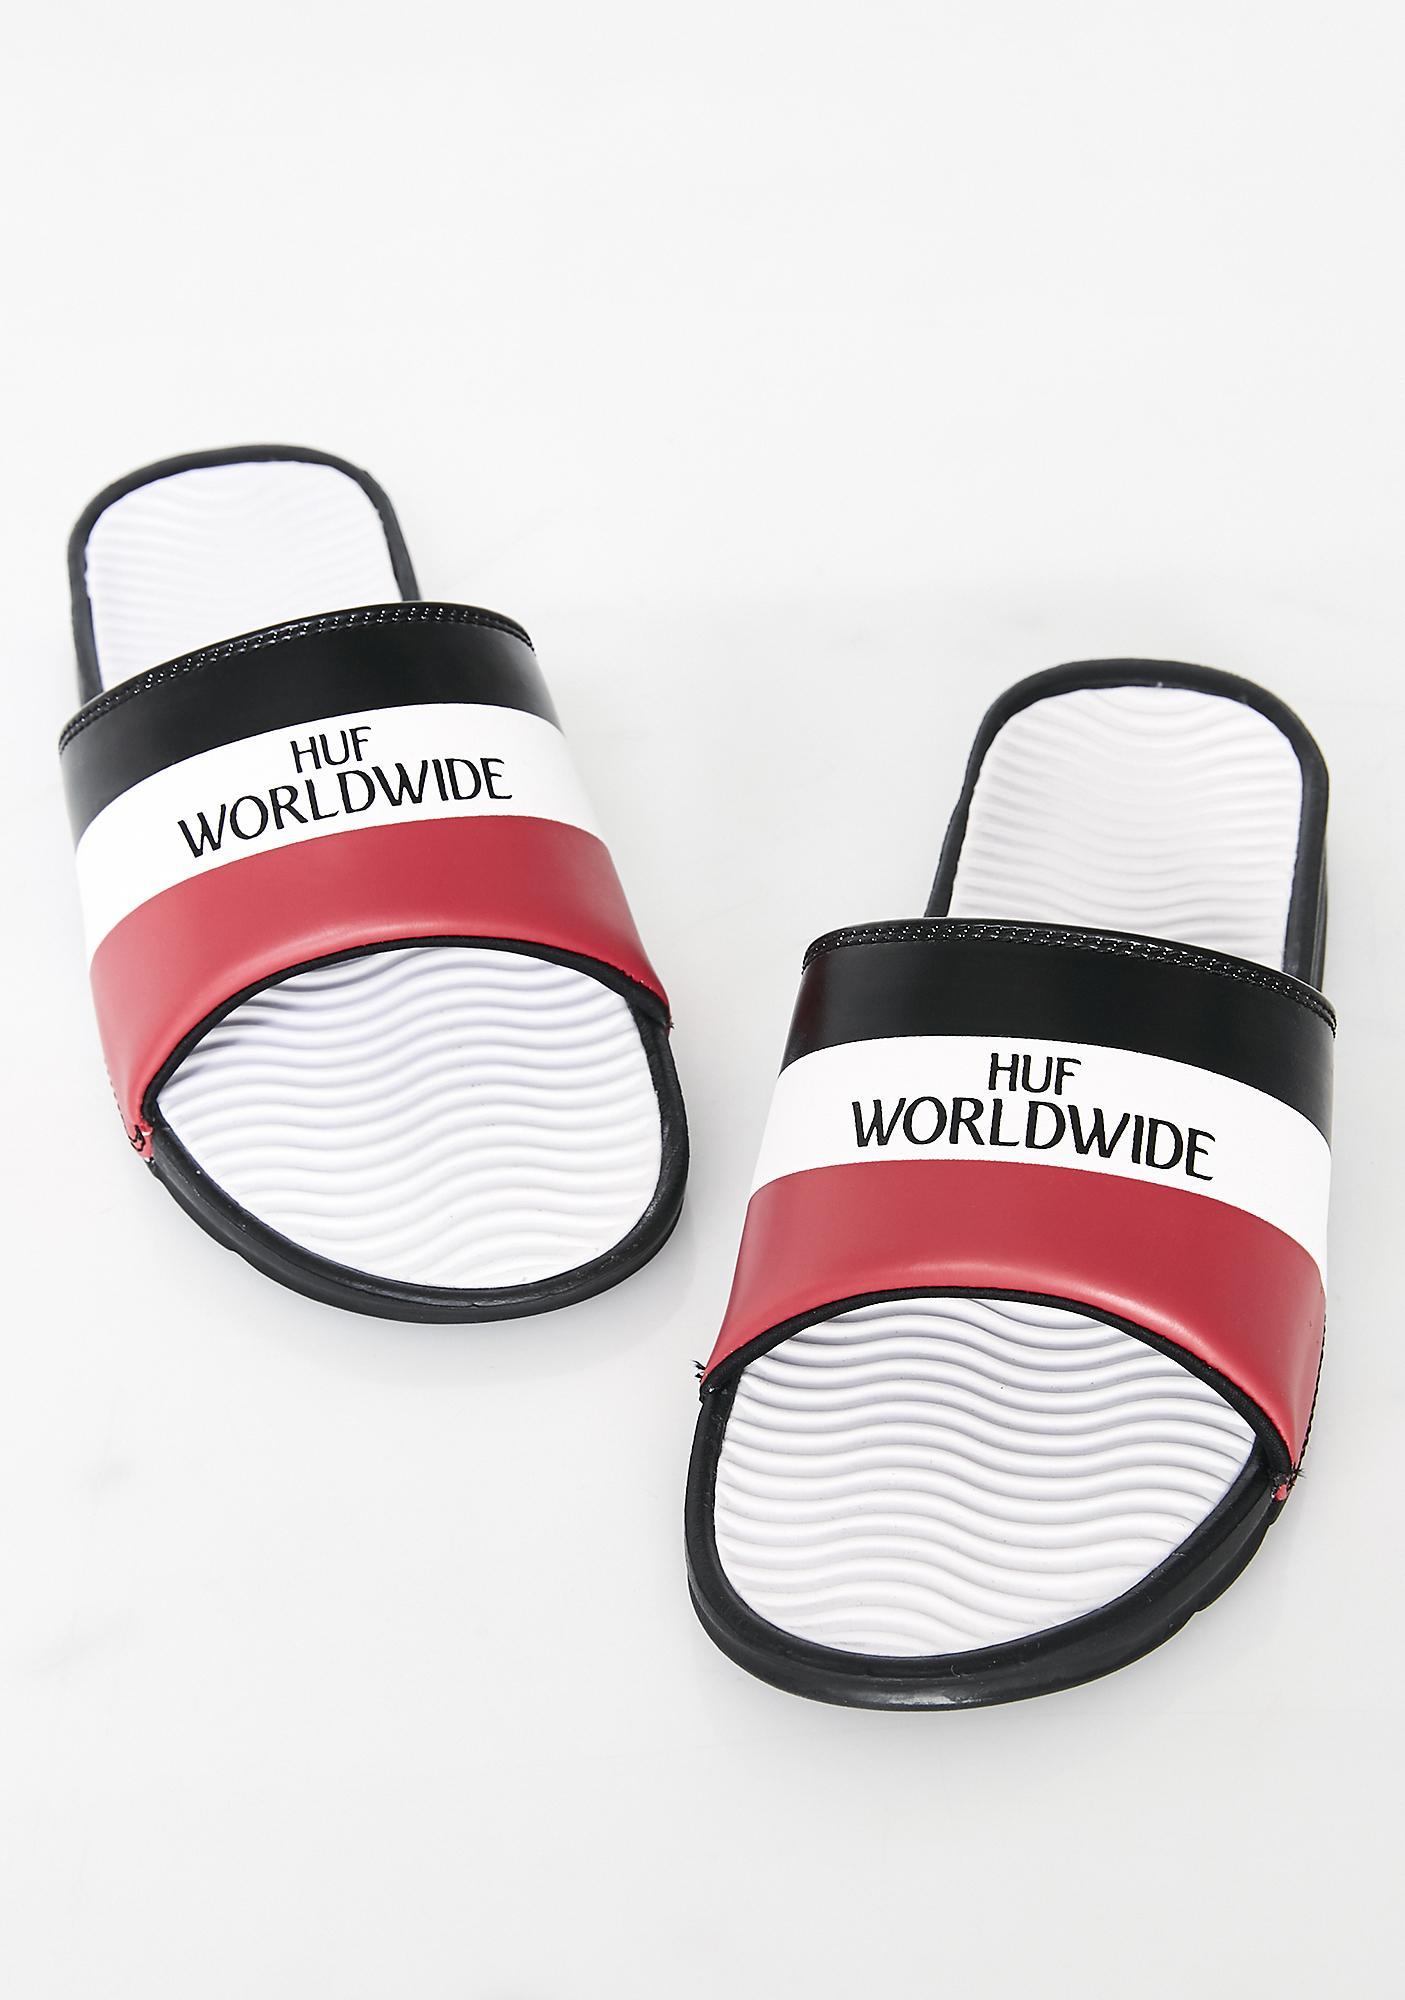 HUF Worldwide Slides